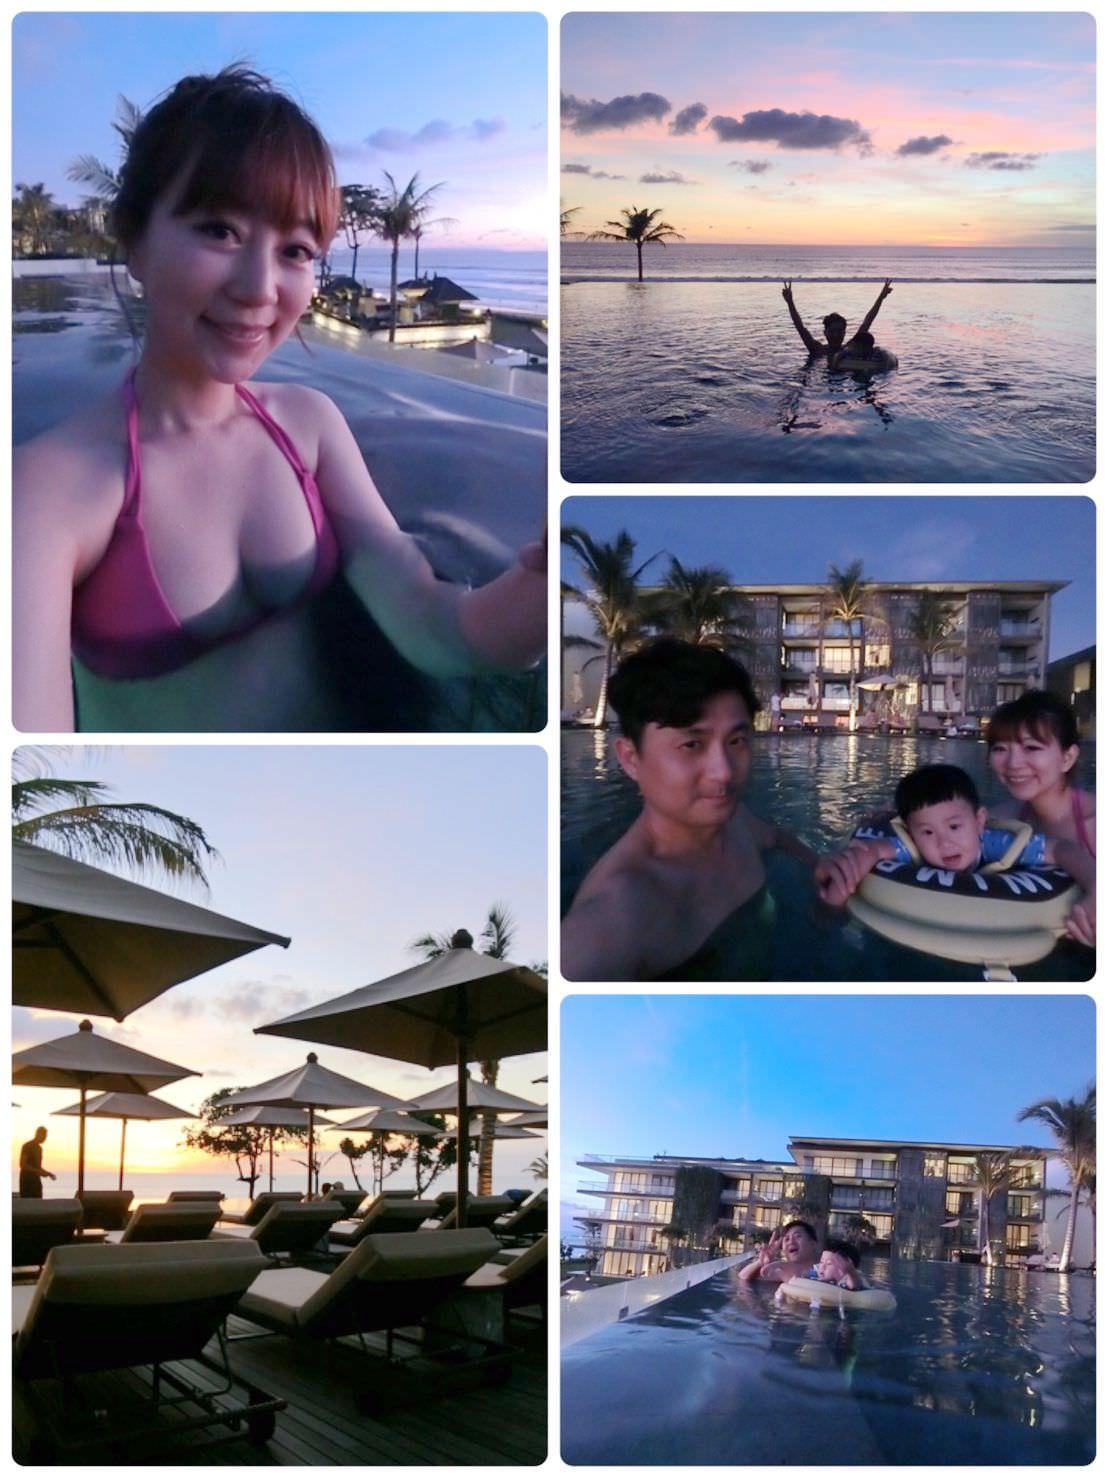 2017  2/21-2/27峇里島親子行♥陽光 沙灘 美食 SPA♥還有AARON BB小搗蛋(≧∇≦)/